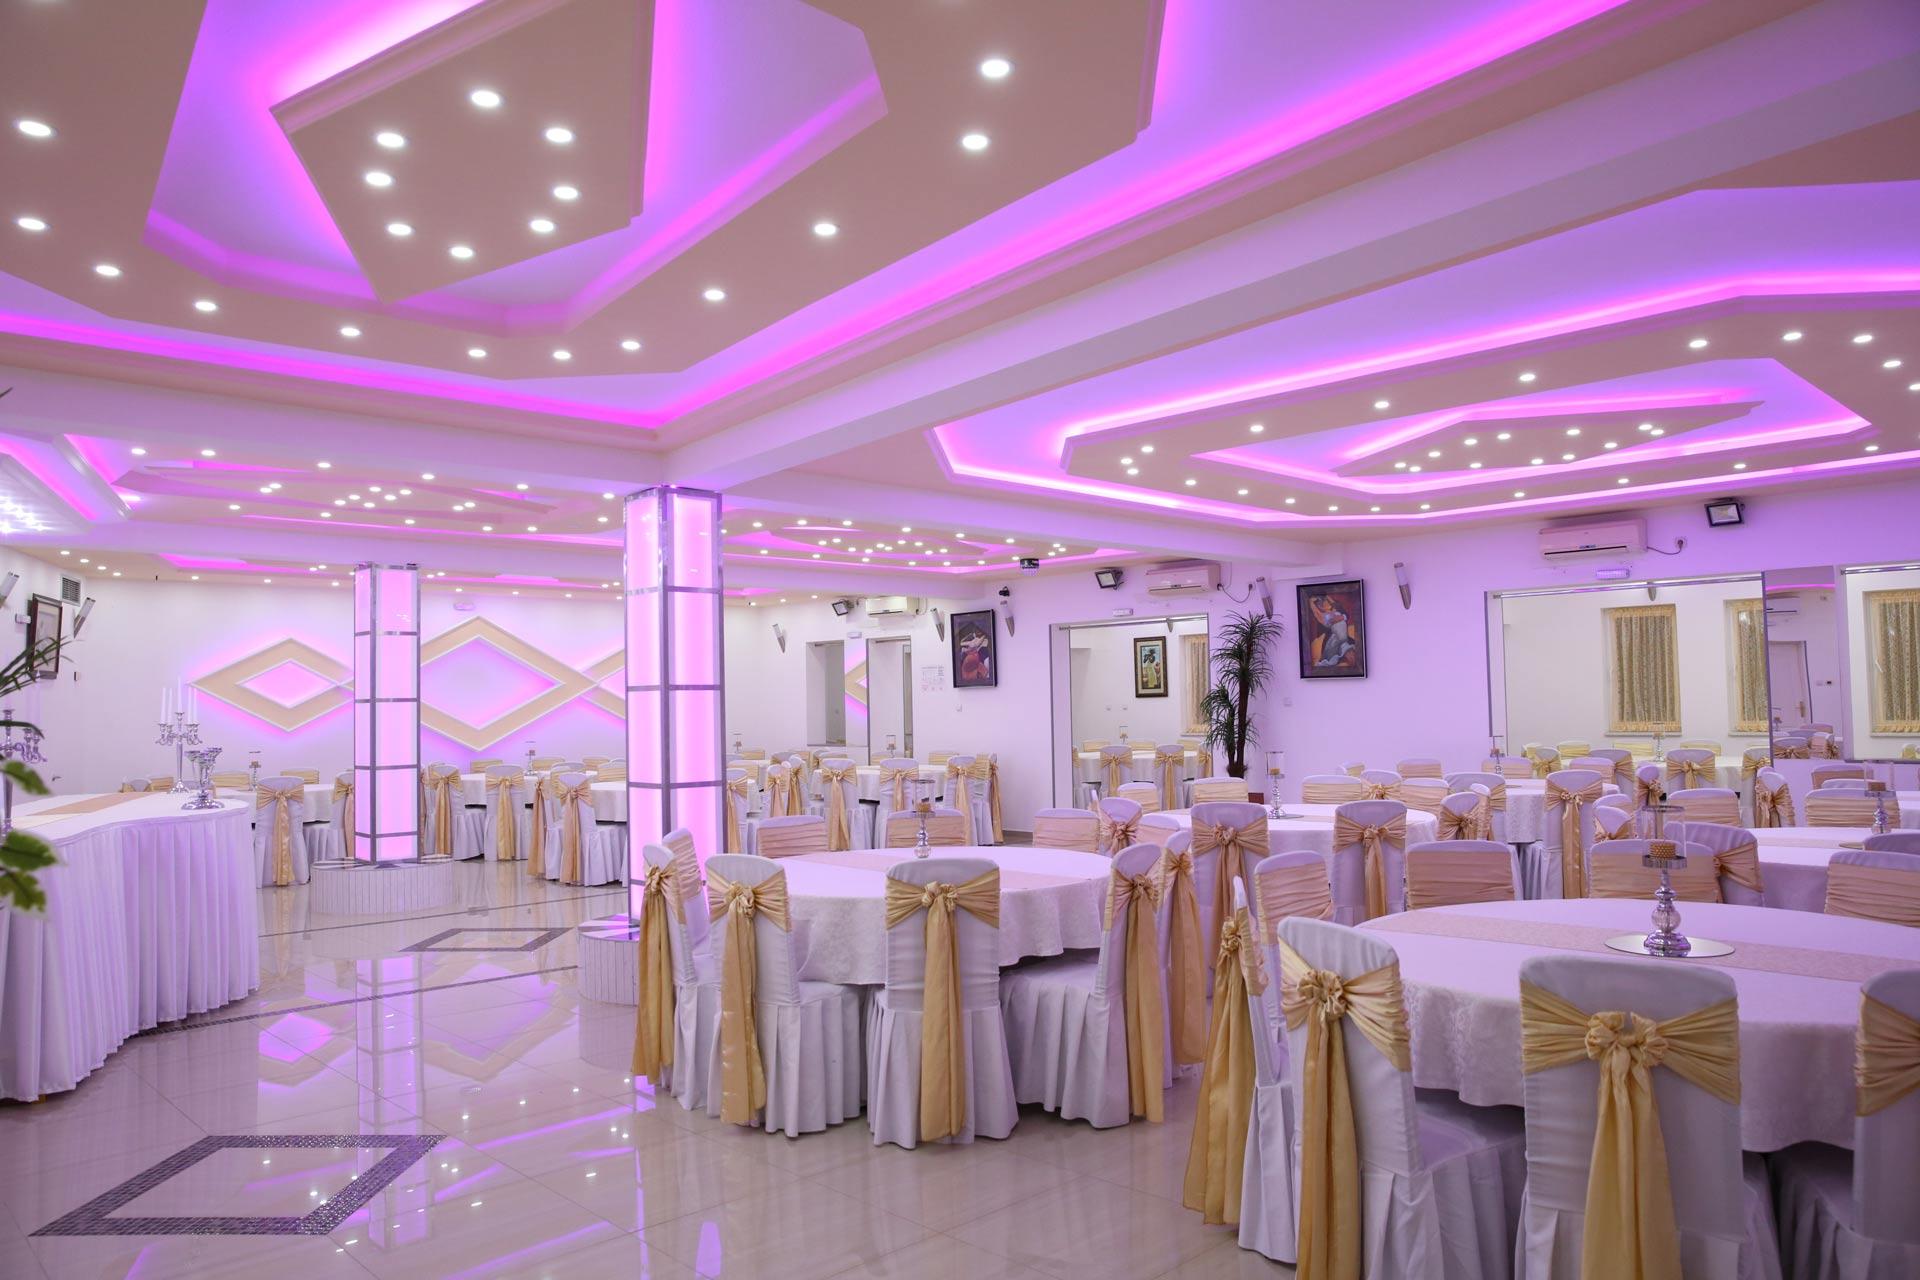 restorani za svadbe beograd trend sala